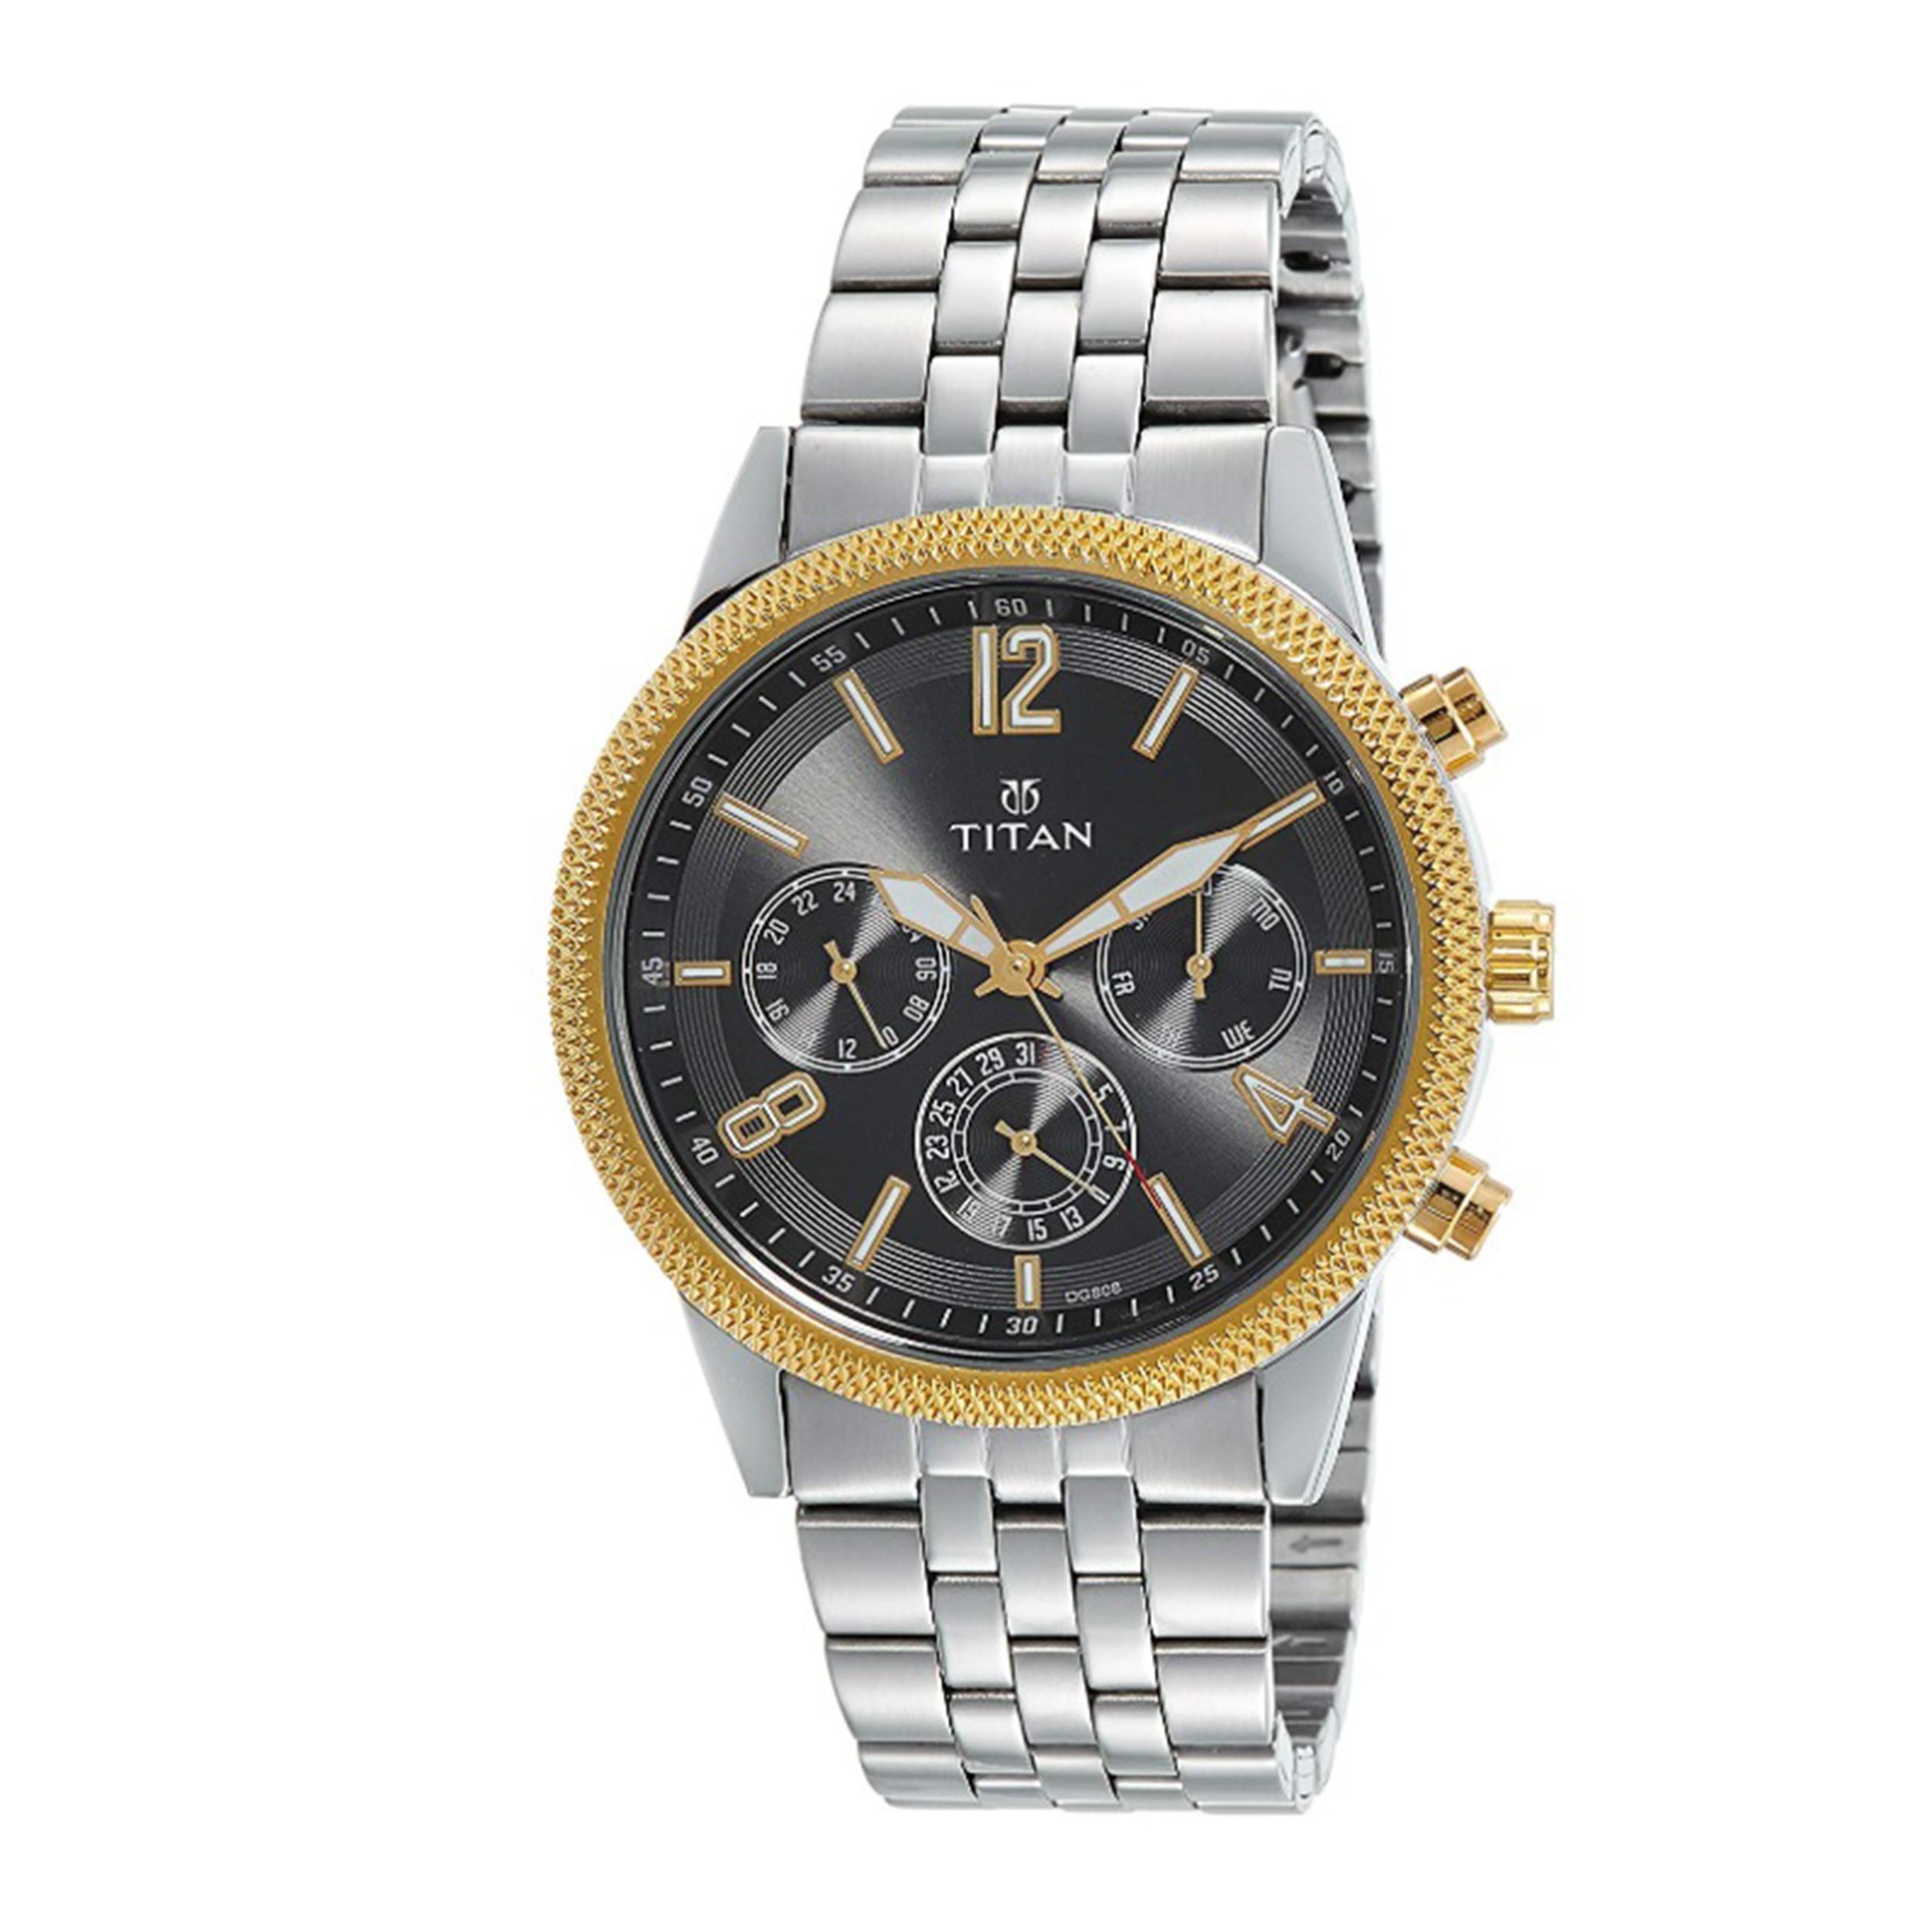 ساعت مچی عقربه ای مردانه تیتان مدل T1734BM01